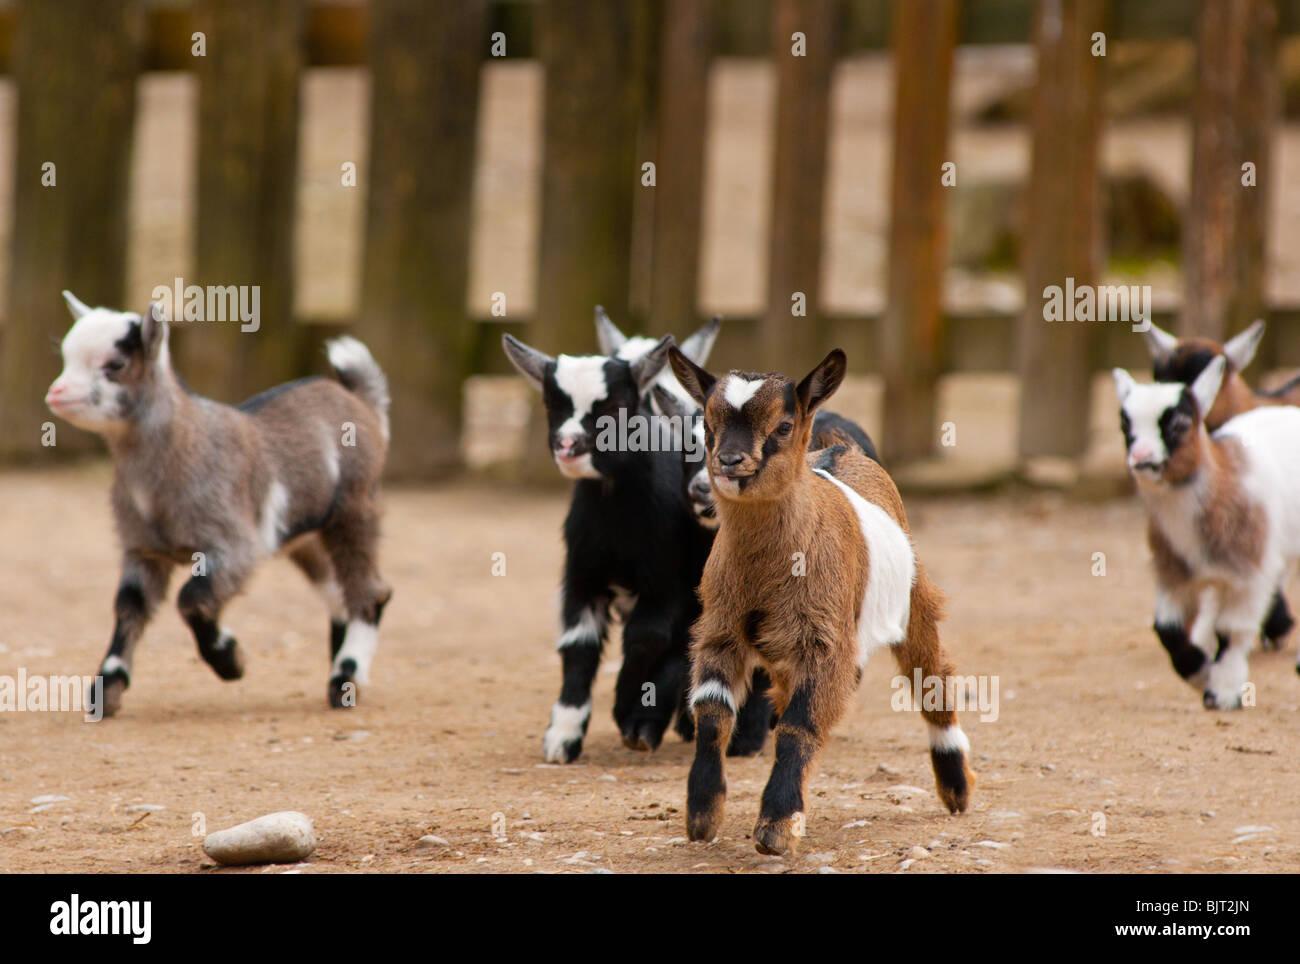 Carino in esecuzione baby capre Immagini Stock